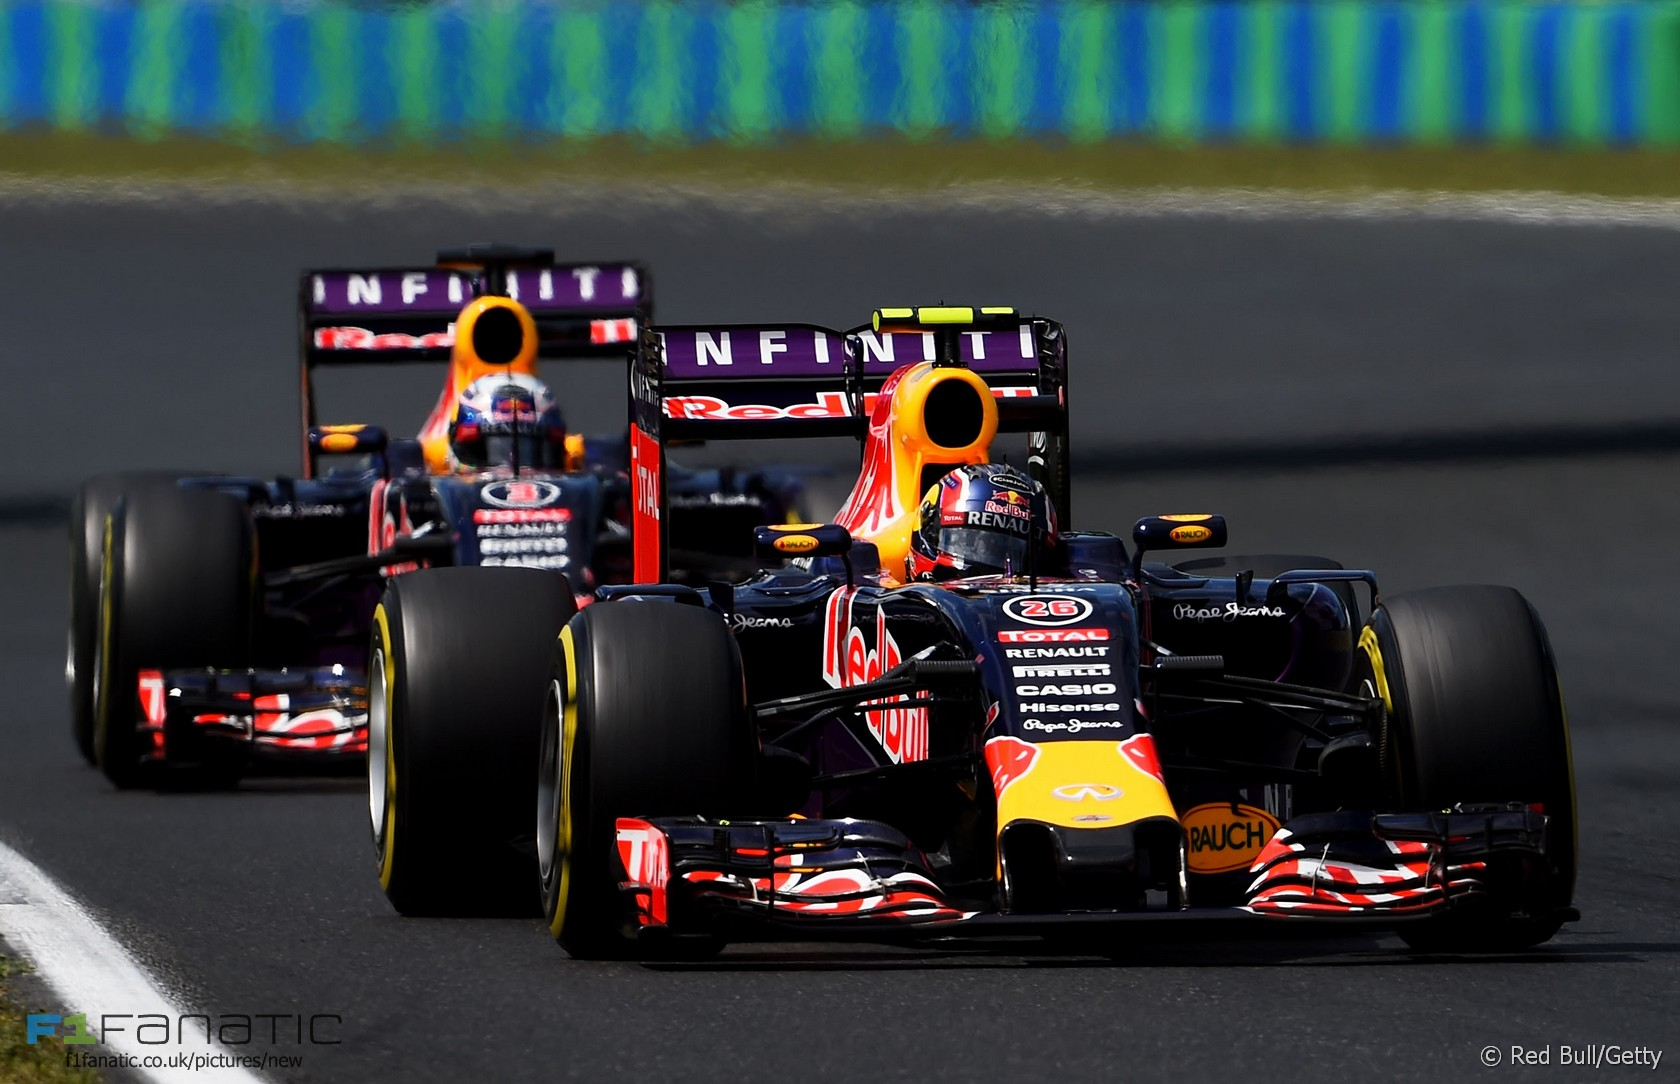 Daniil Kvyat, Daniel Ricciardo, Hungaroring, 2015